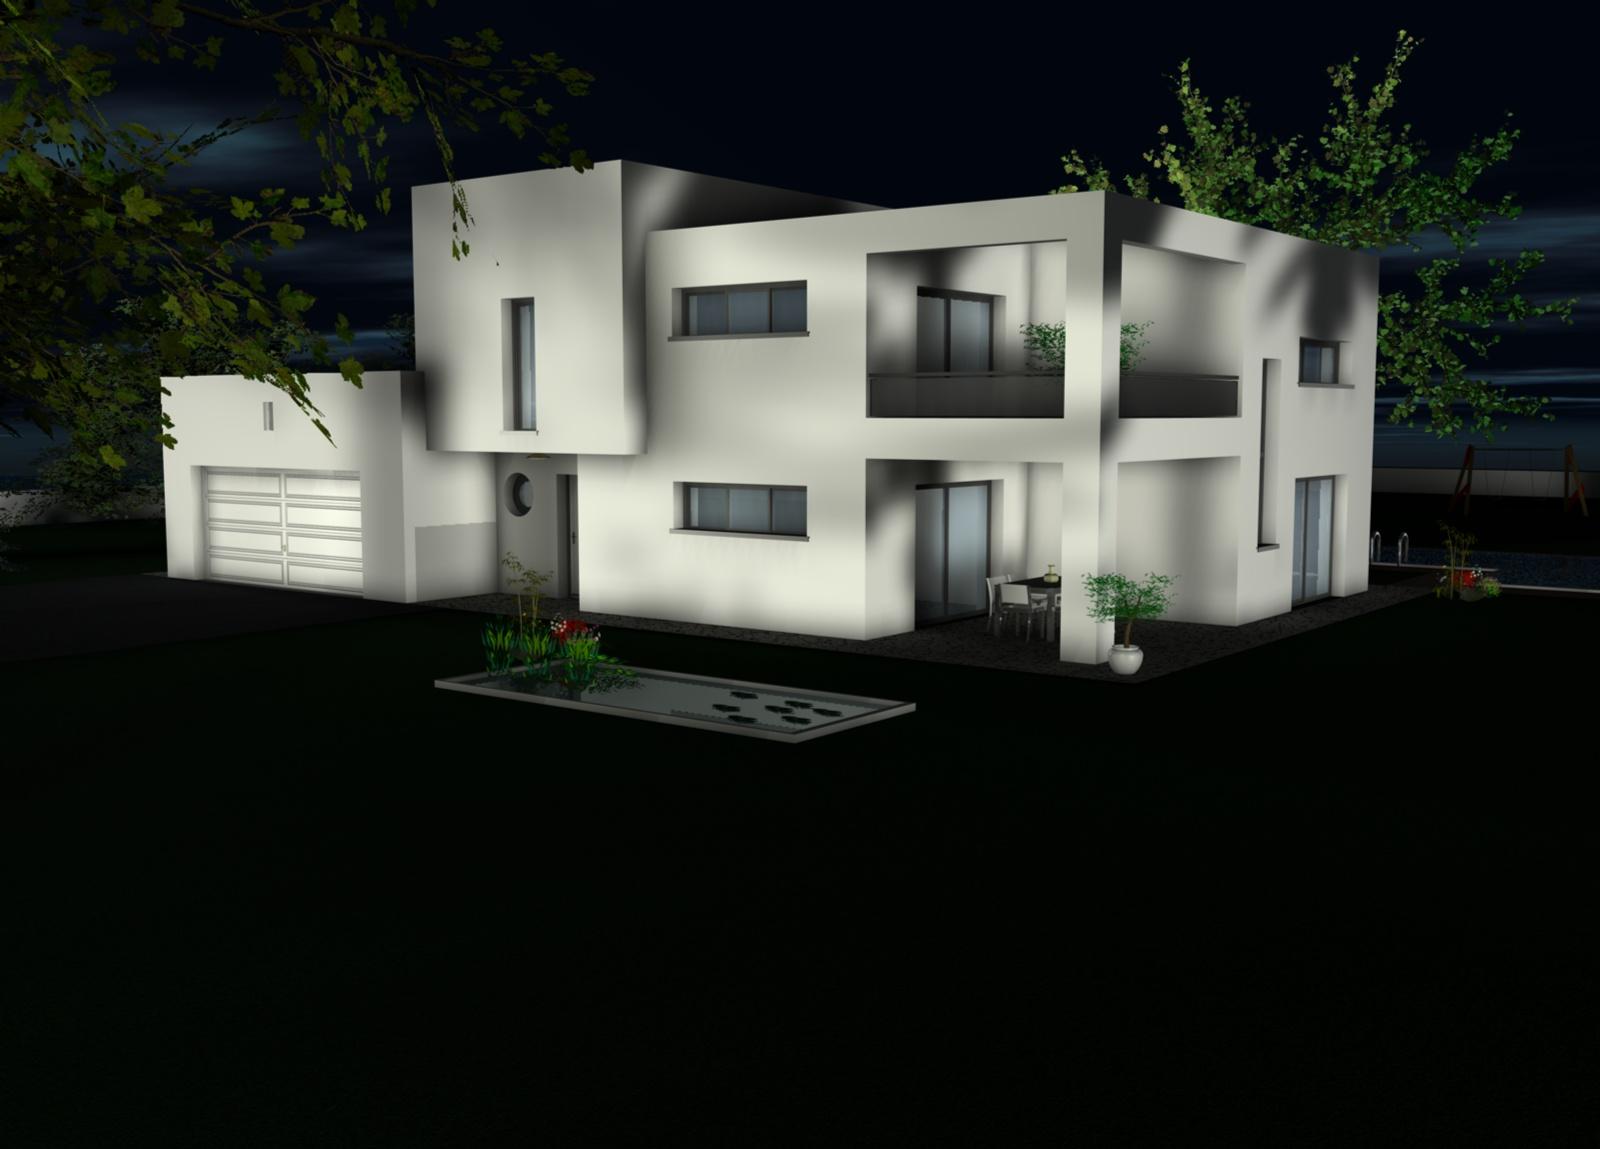 Maison design constructeur deux s vres for Meilleurs designs de maison